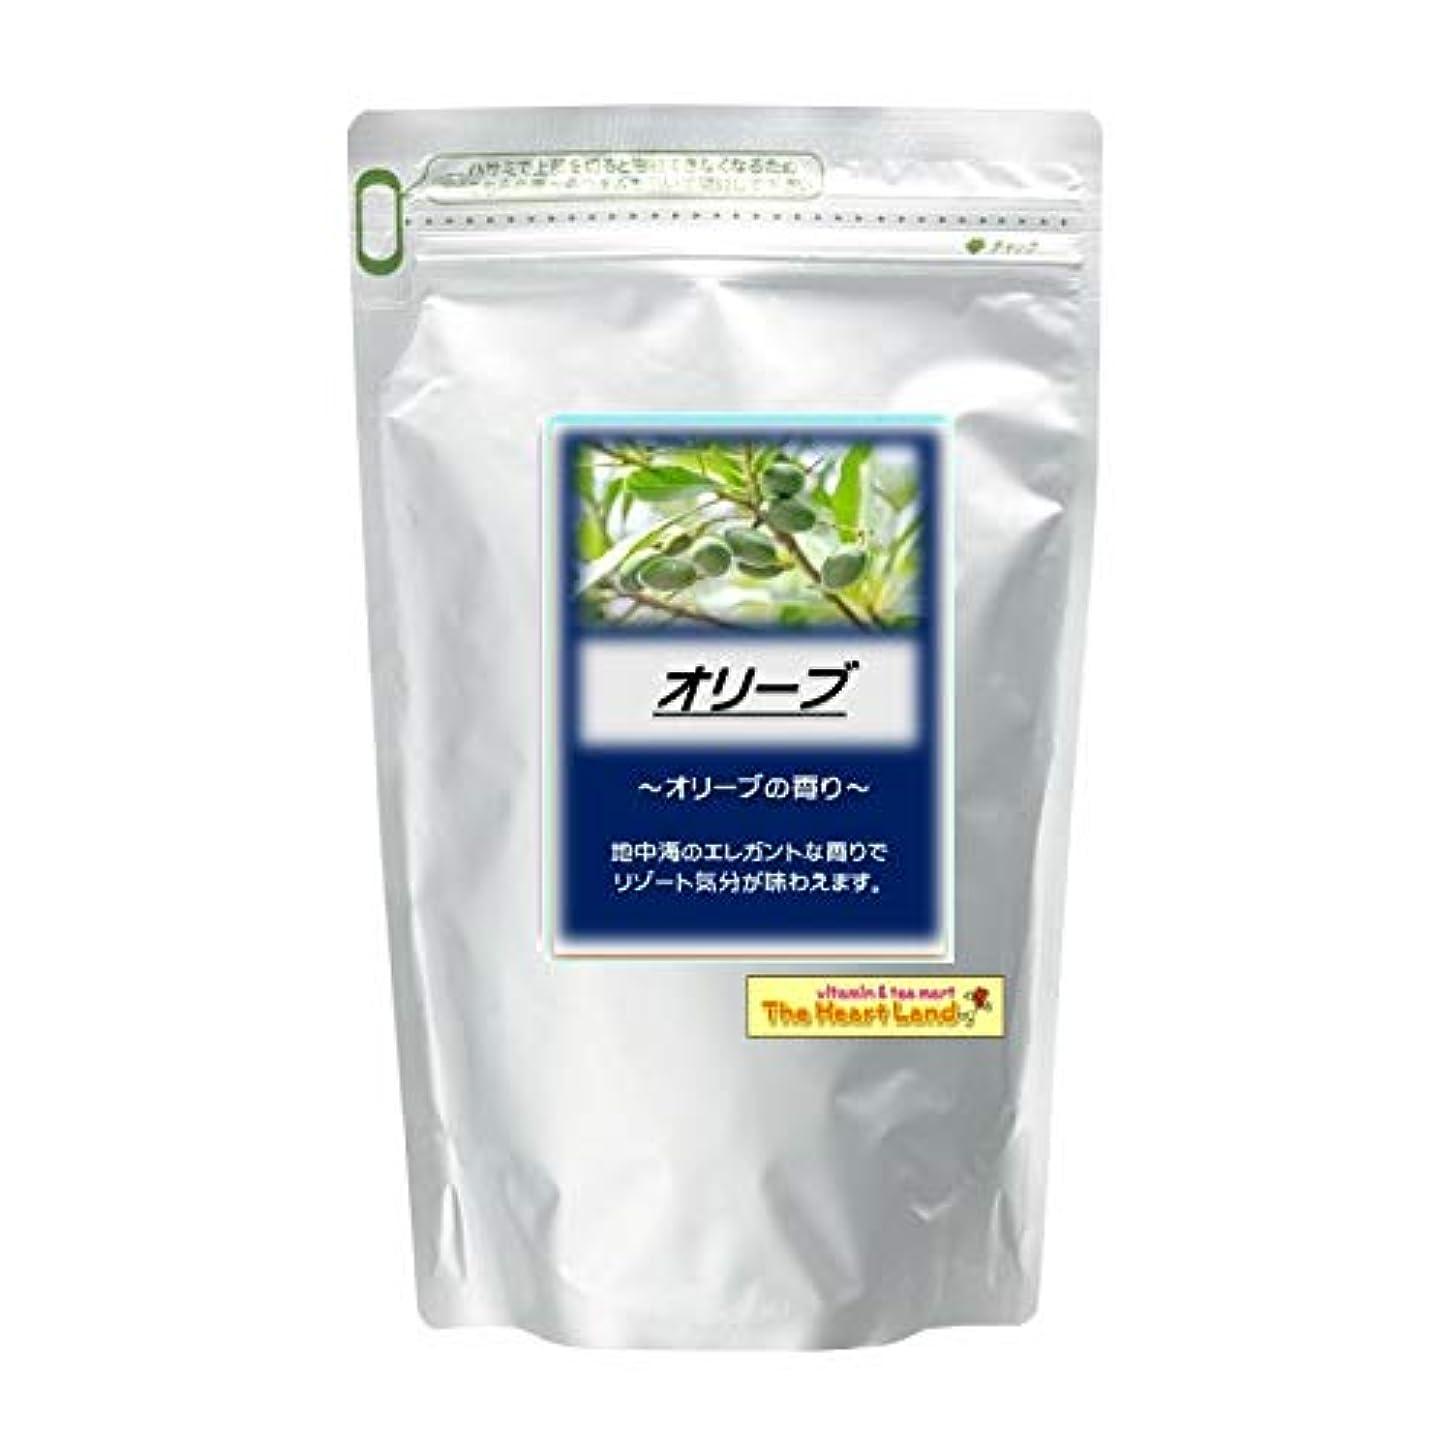 戦略展開する倉庫アサヒ入浴剤 浴用入浴化粧品 オリーブ 300g